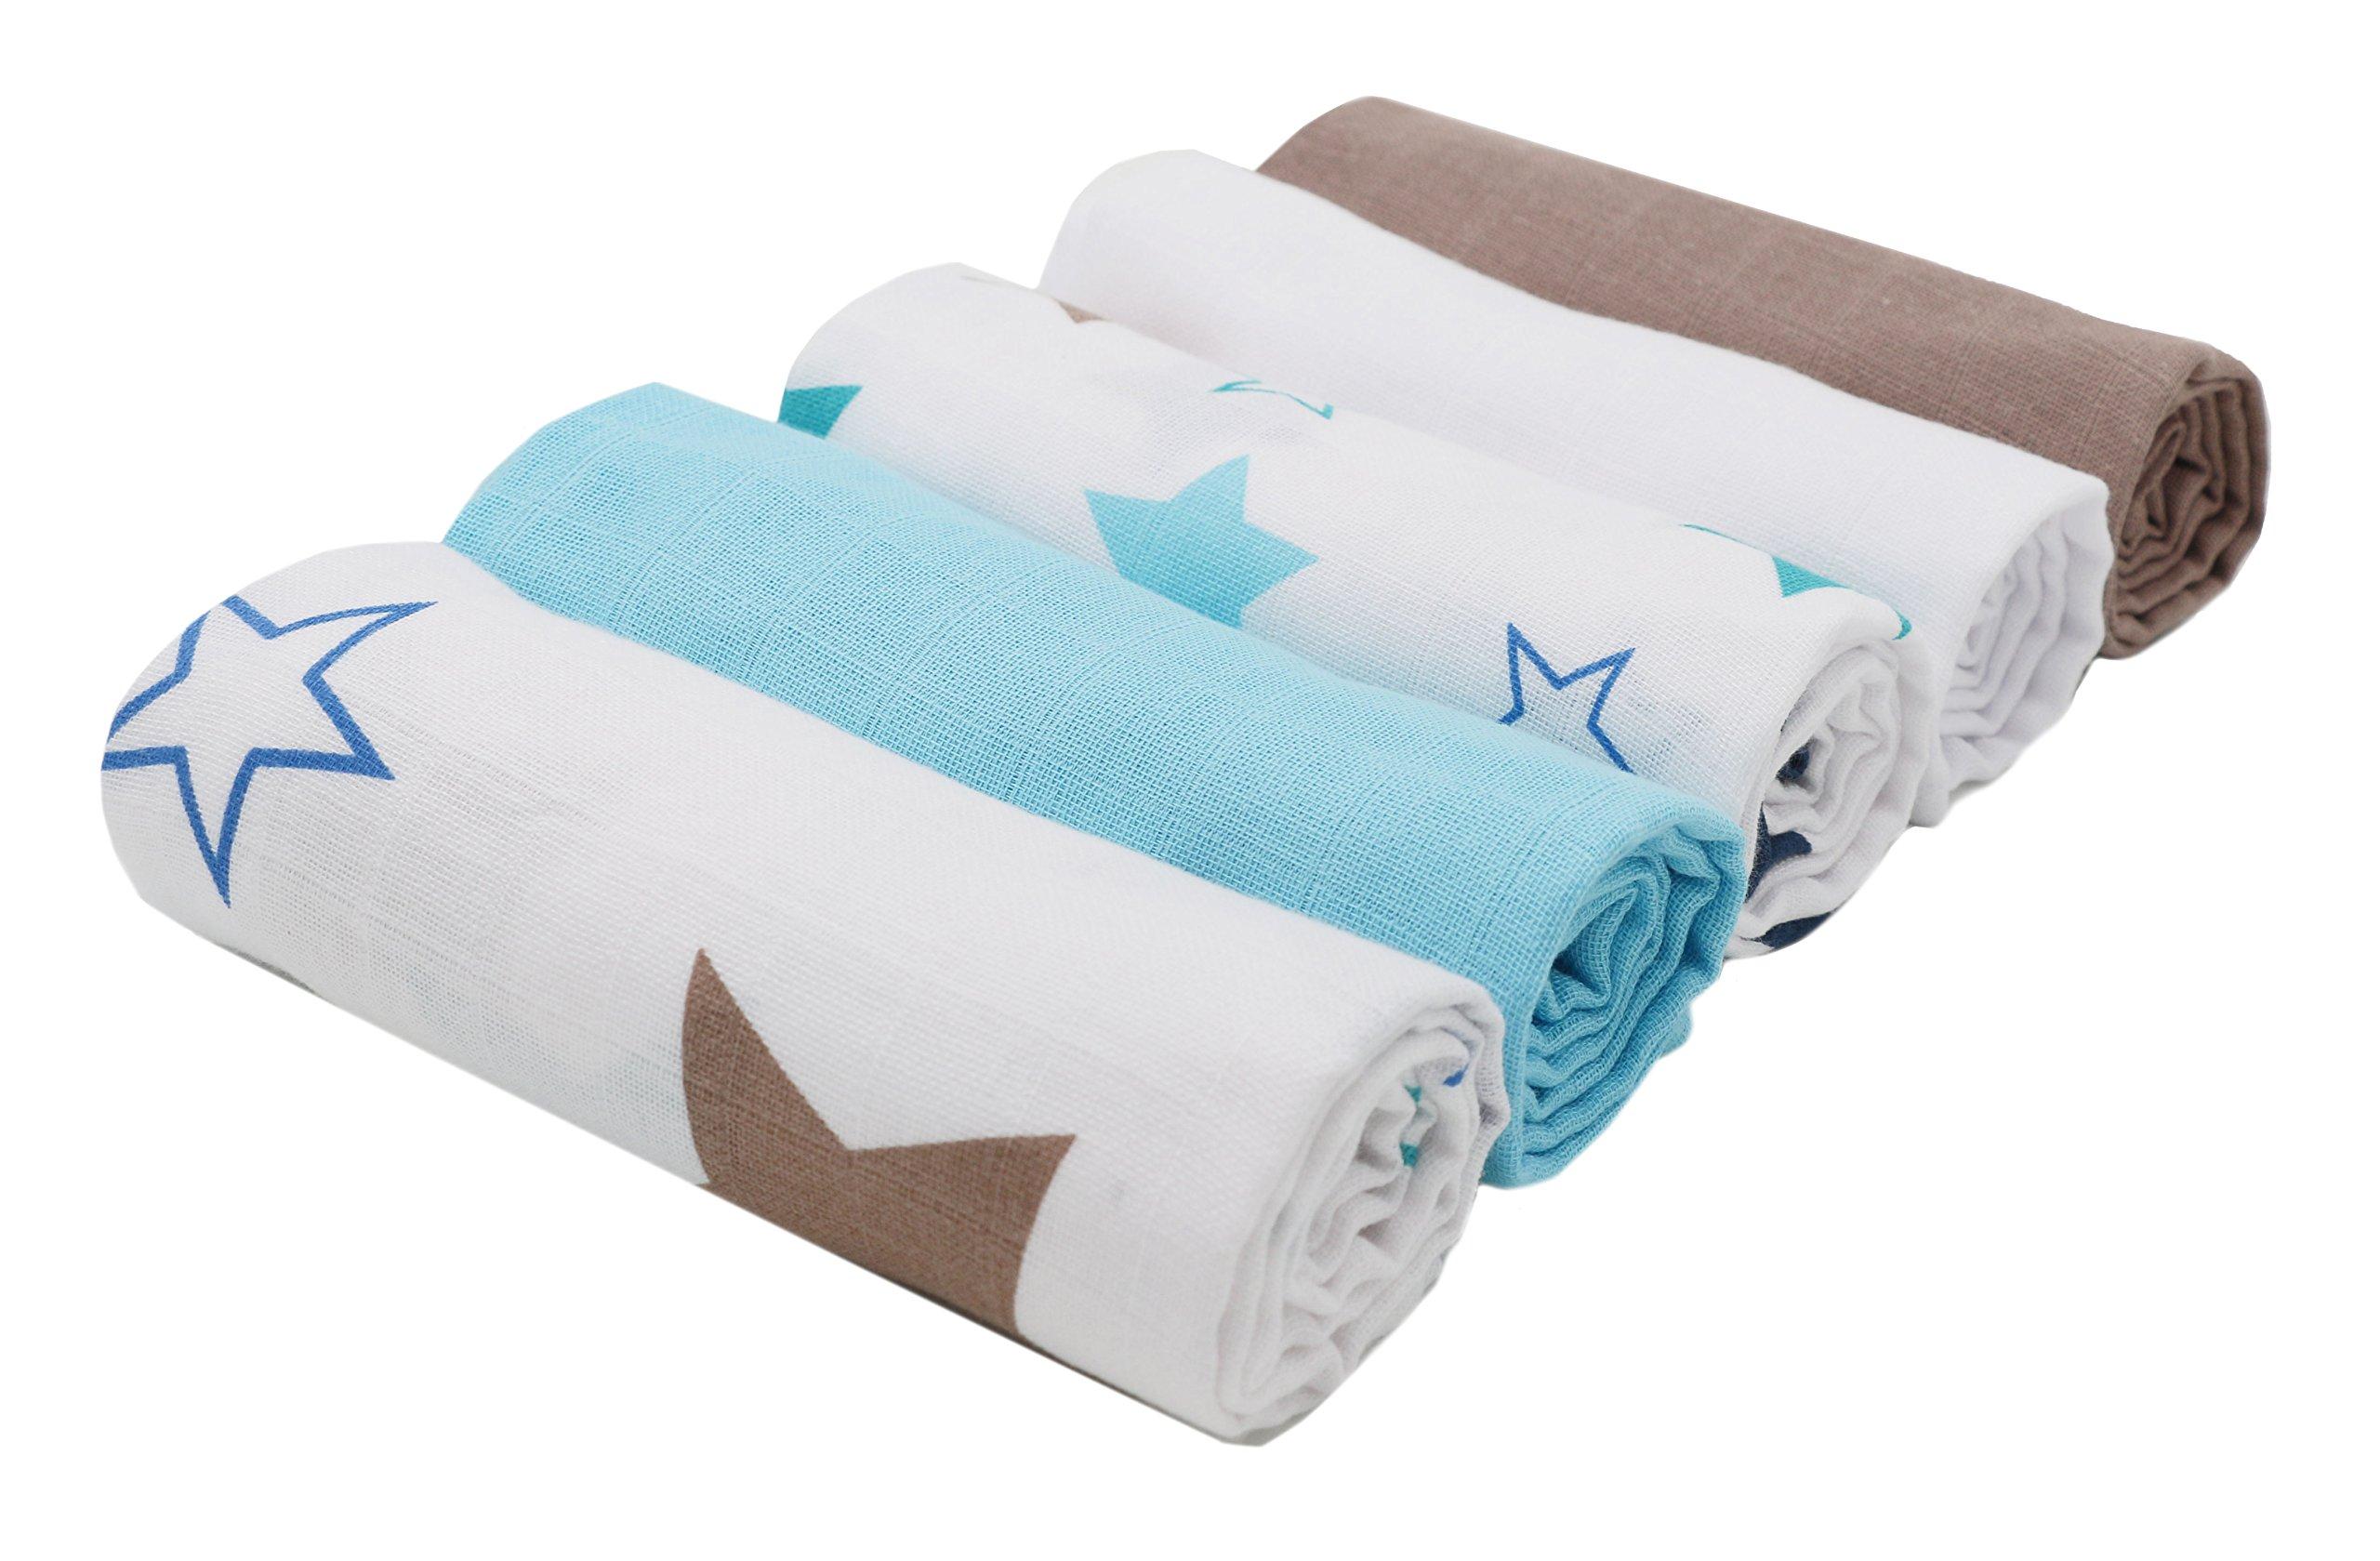 Zollner 5 muselinas para bebé, algodón, 70x70 cm, con estampado de estrellas y